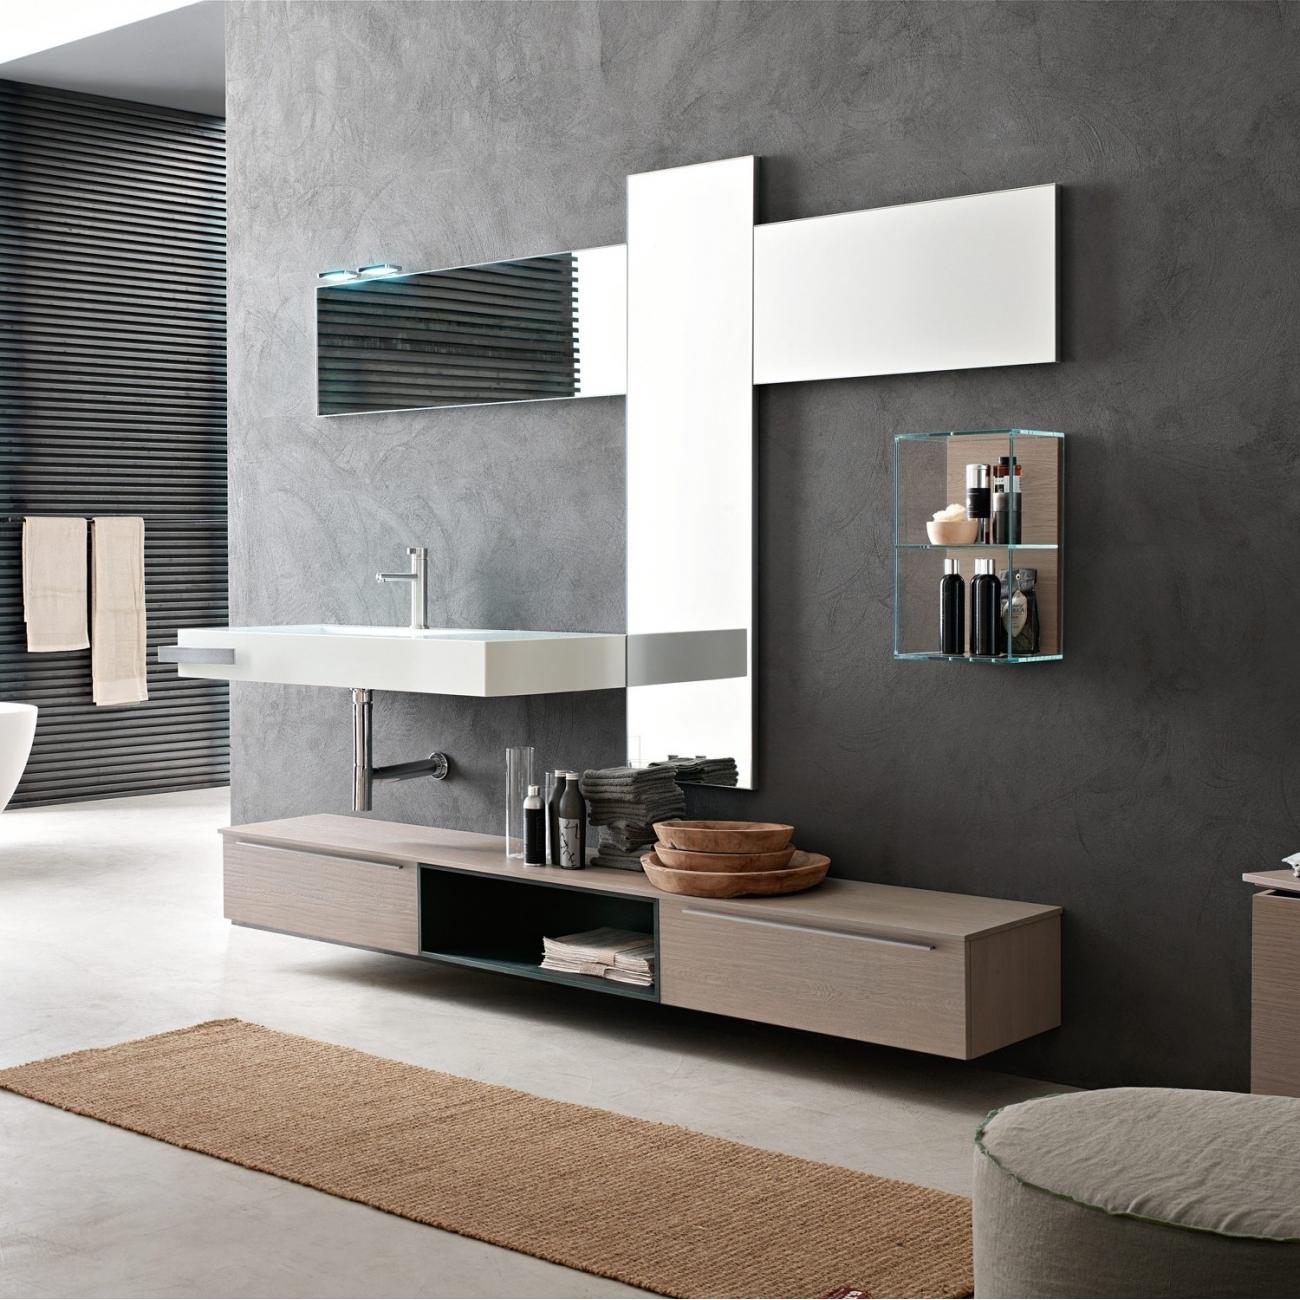 Arcom mobili bagno amazing arcom ak ely mobile bagno - Arcom mobili bagno ...